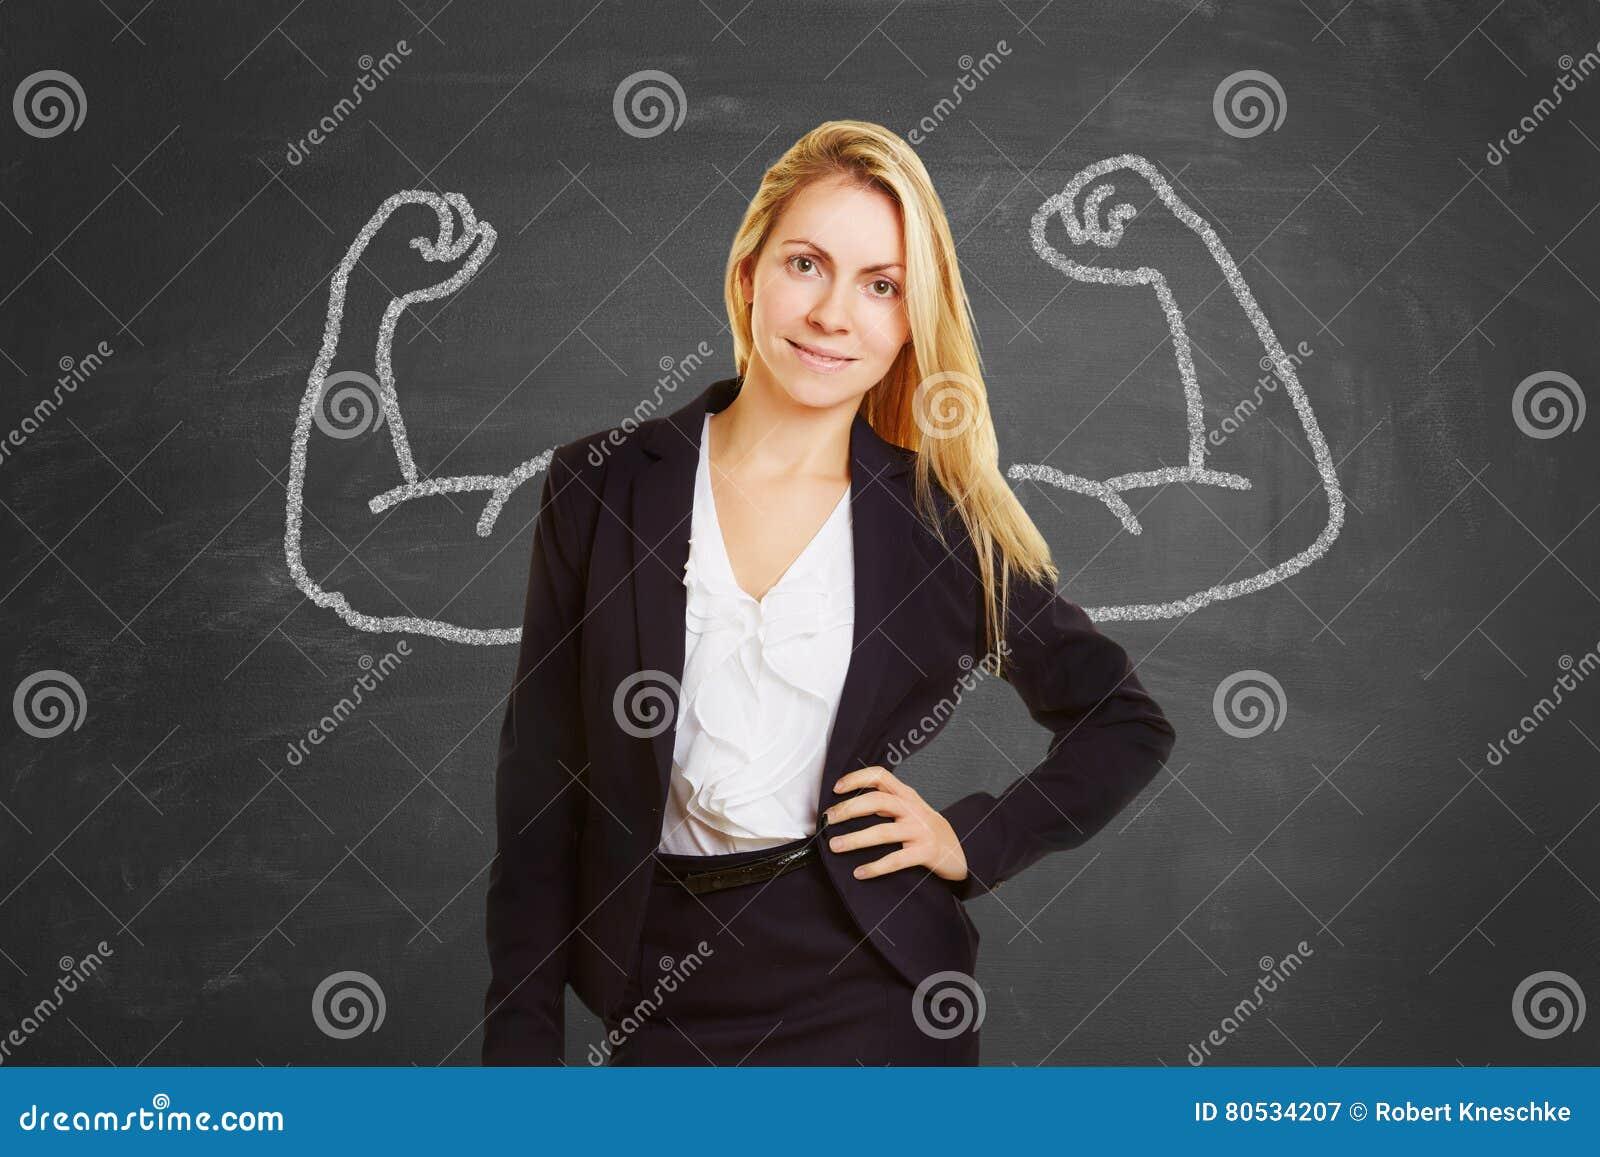 Succesvolle onderneemster met valse spieren